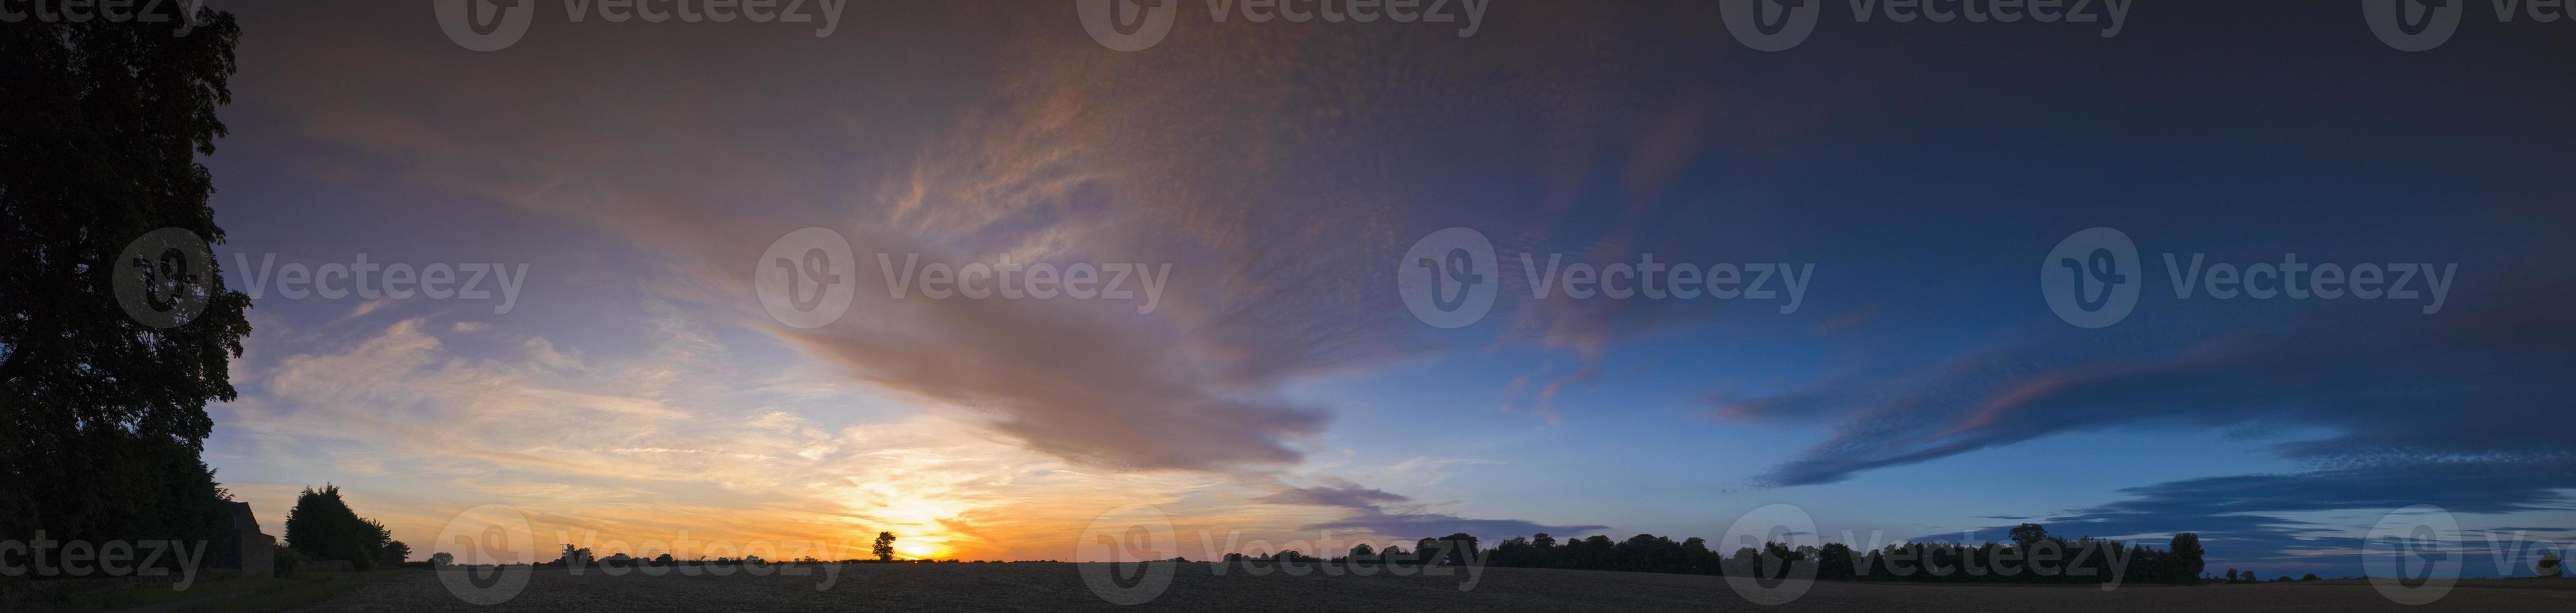 grote zomer zonsondergang foto